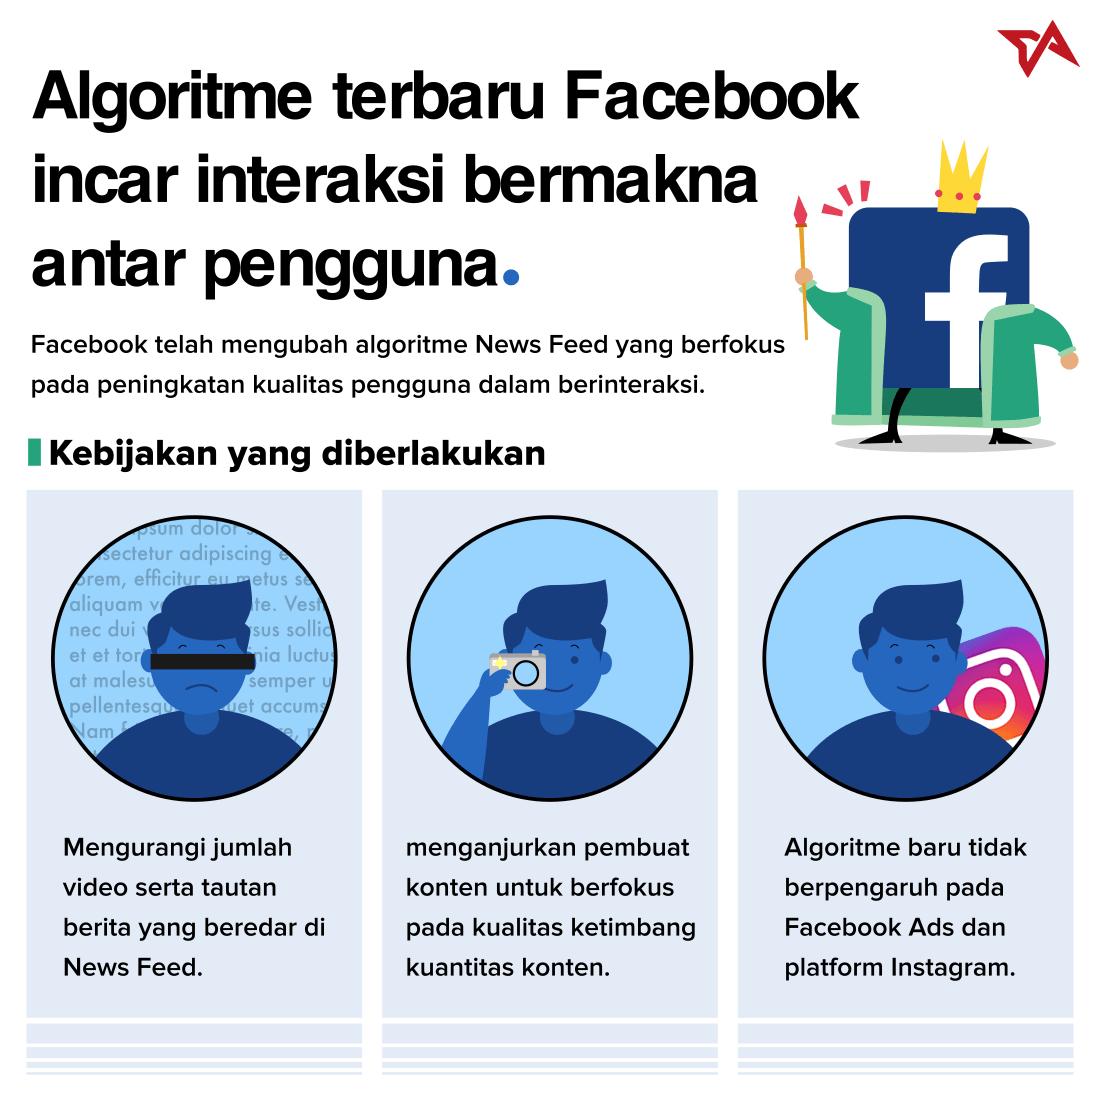 Algoritme Baru Facebook | Infografis